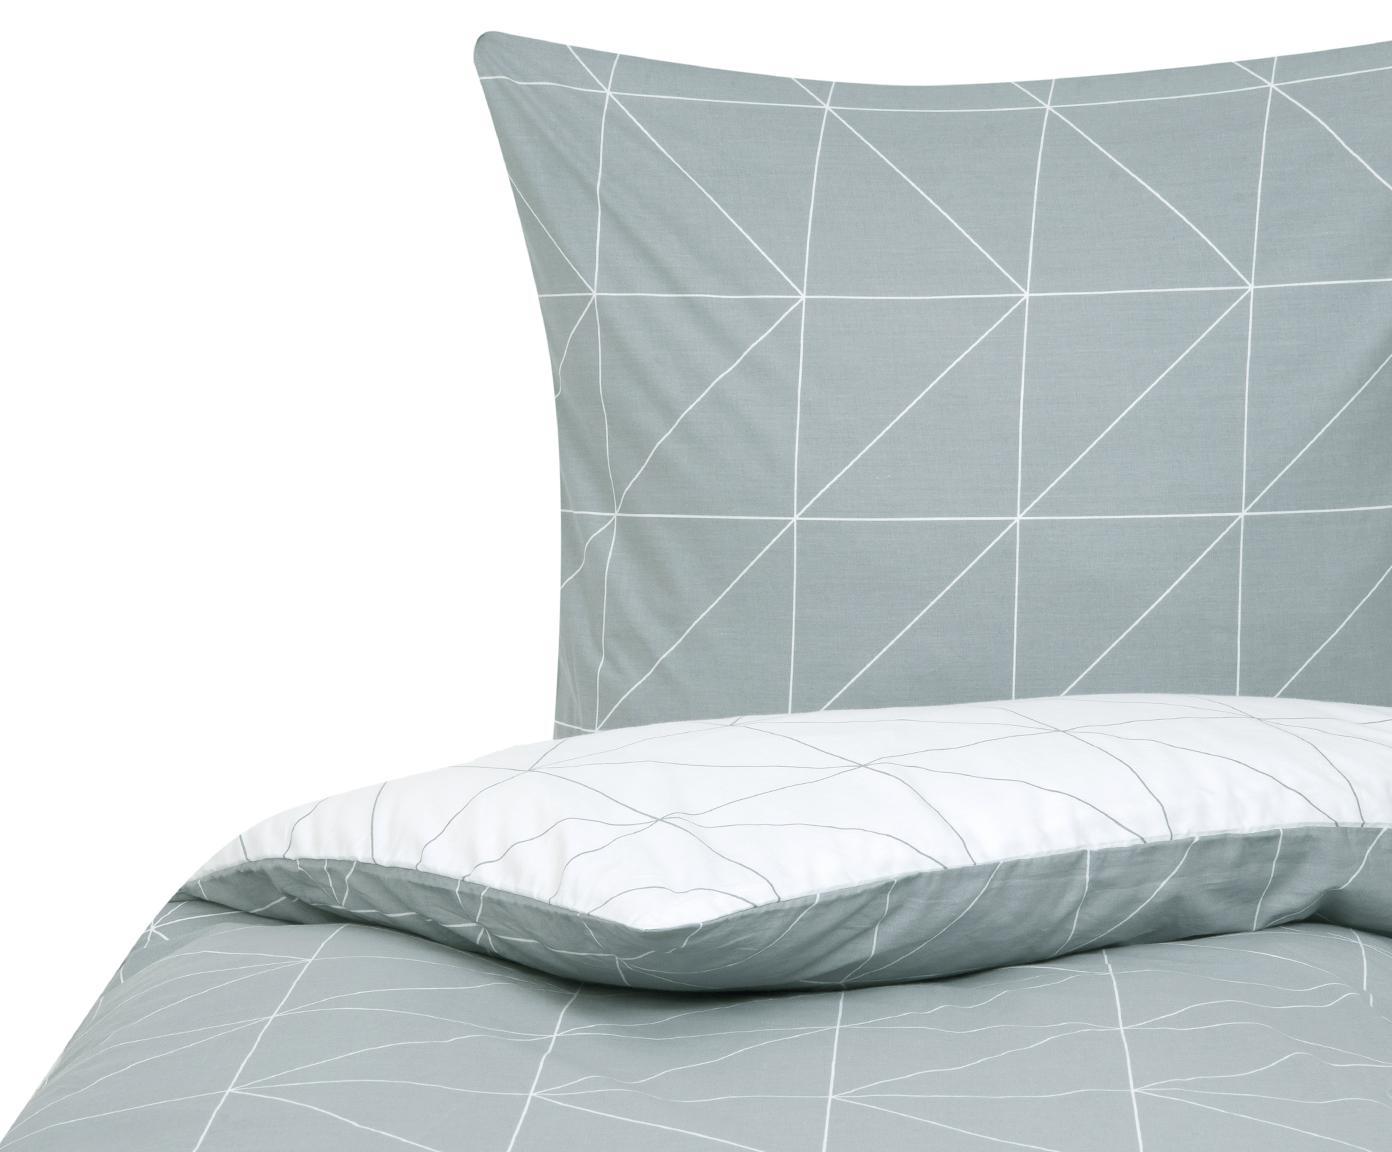 Funda nórdica doble cara de tejido renforcé Marla, Verde salvia, blanco crema, Cama 90 cm (150 x 220 cm)